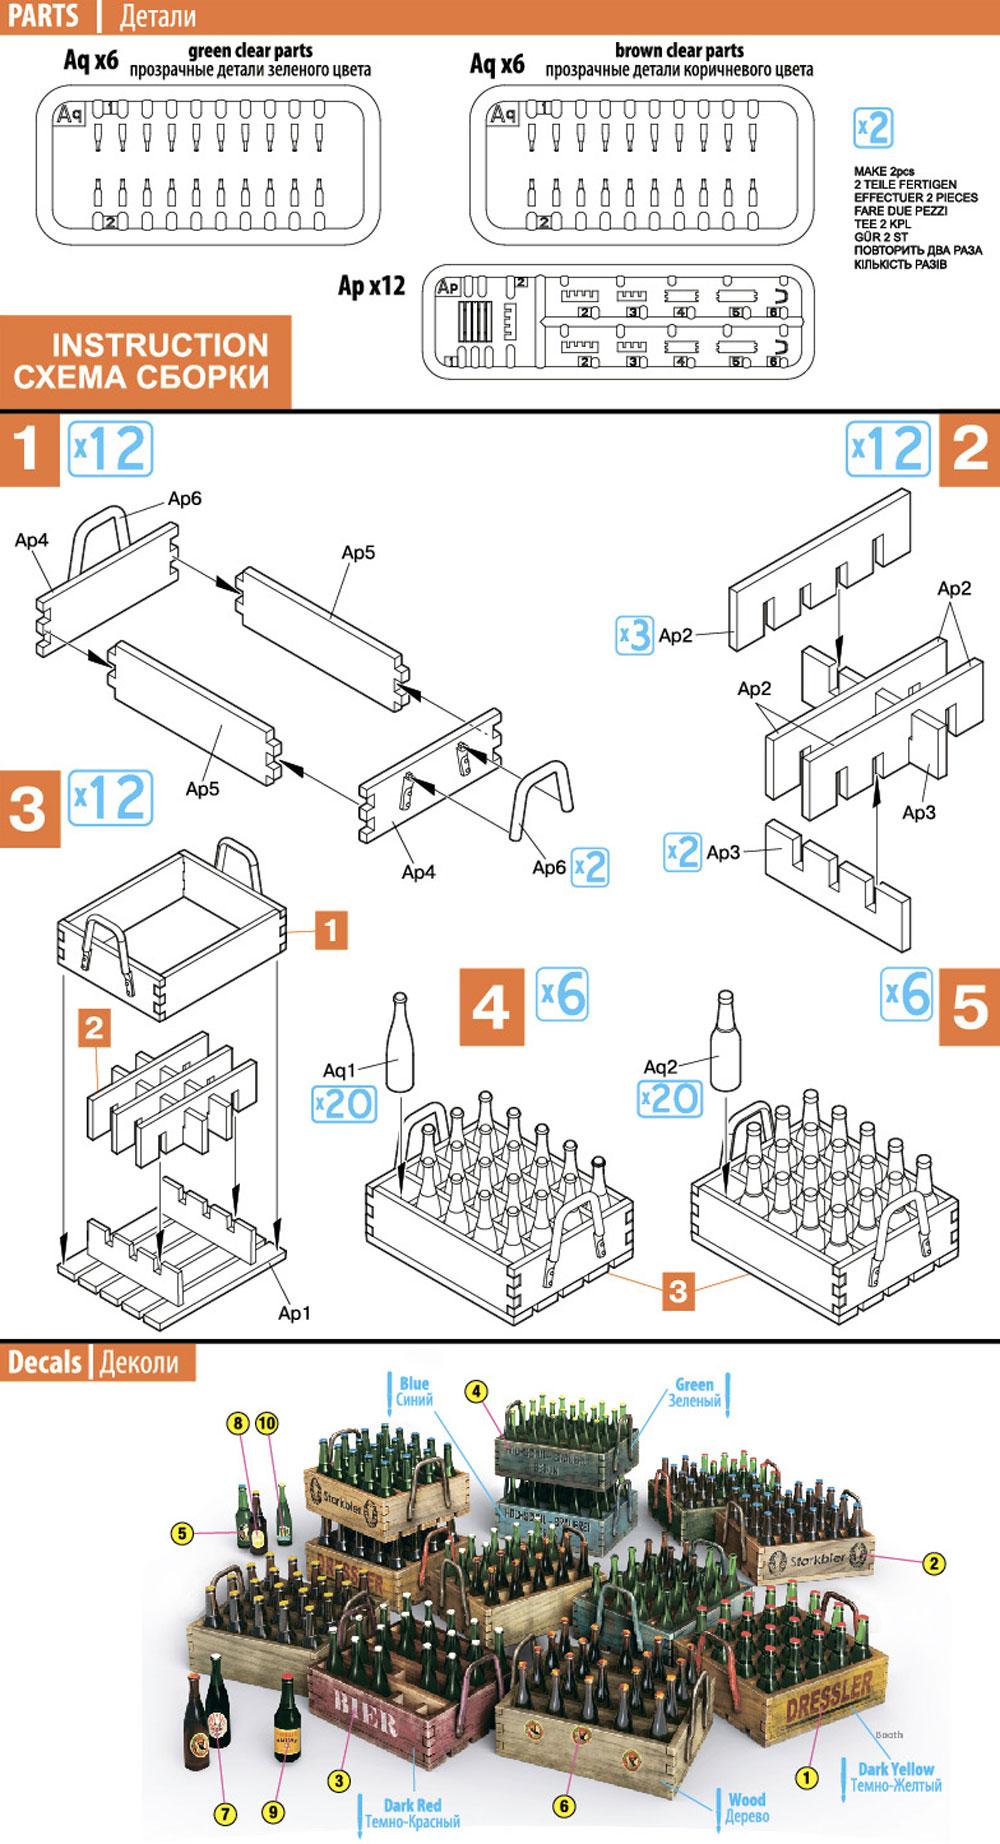 ビールビン & 木枠箱プラモデル(ミニアート1/35 ビルディング&アクセサリー シリーズNo.35574)商品画像_1